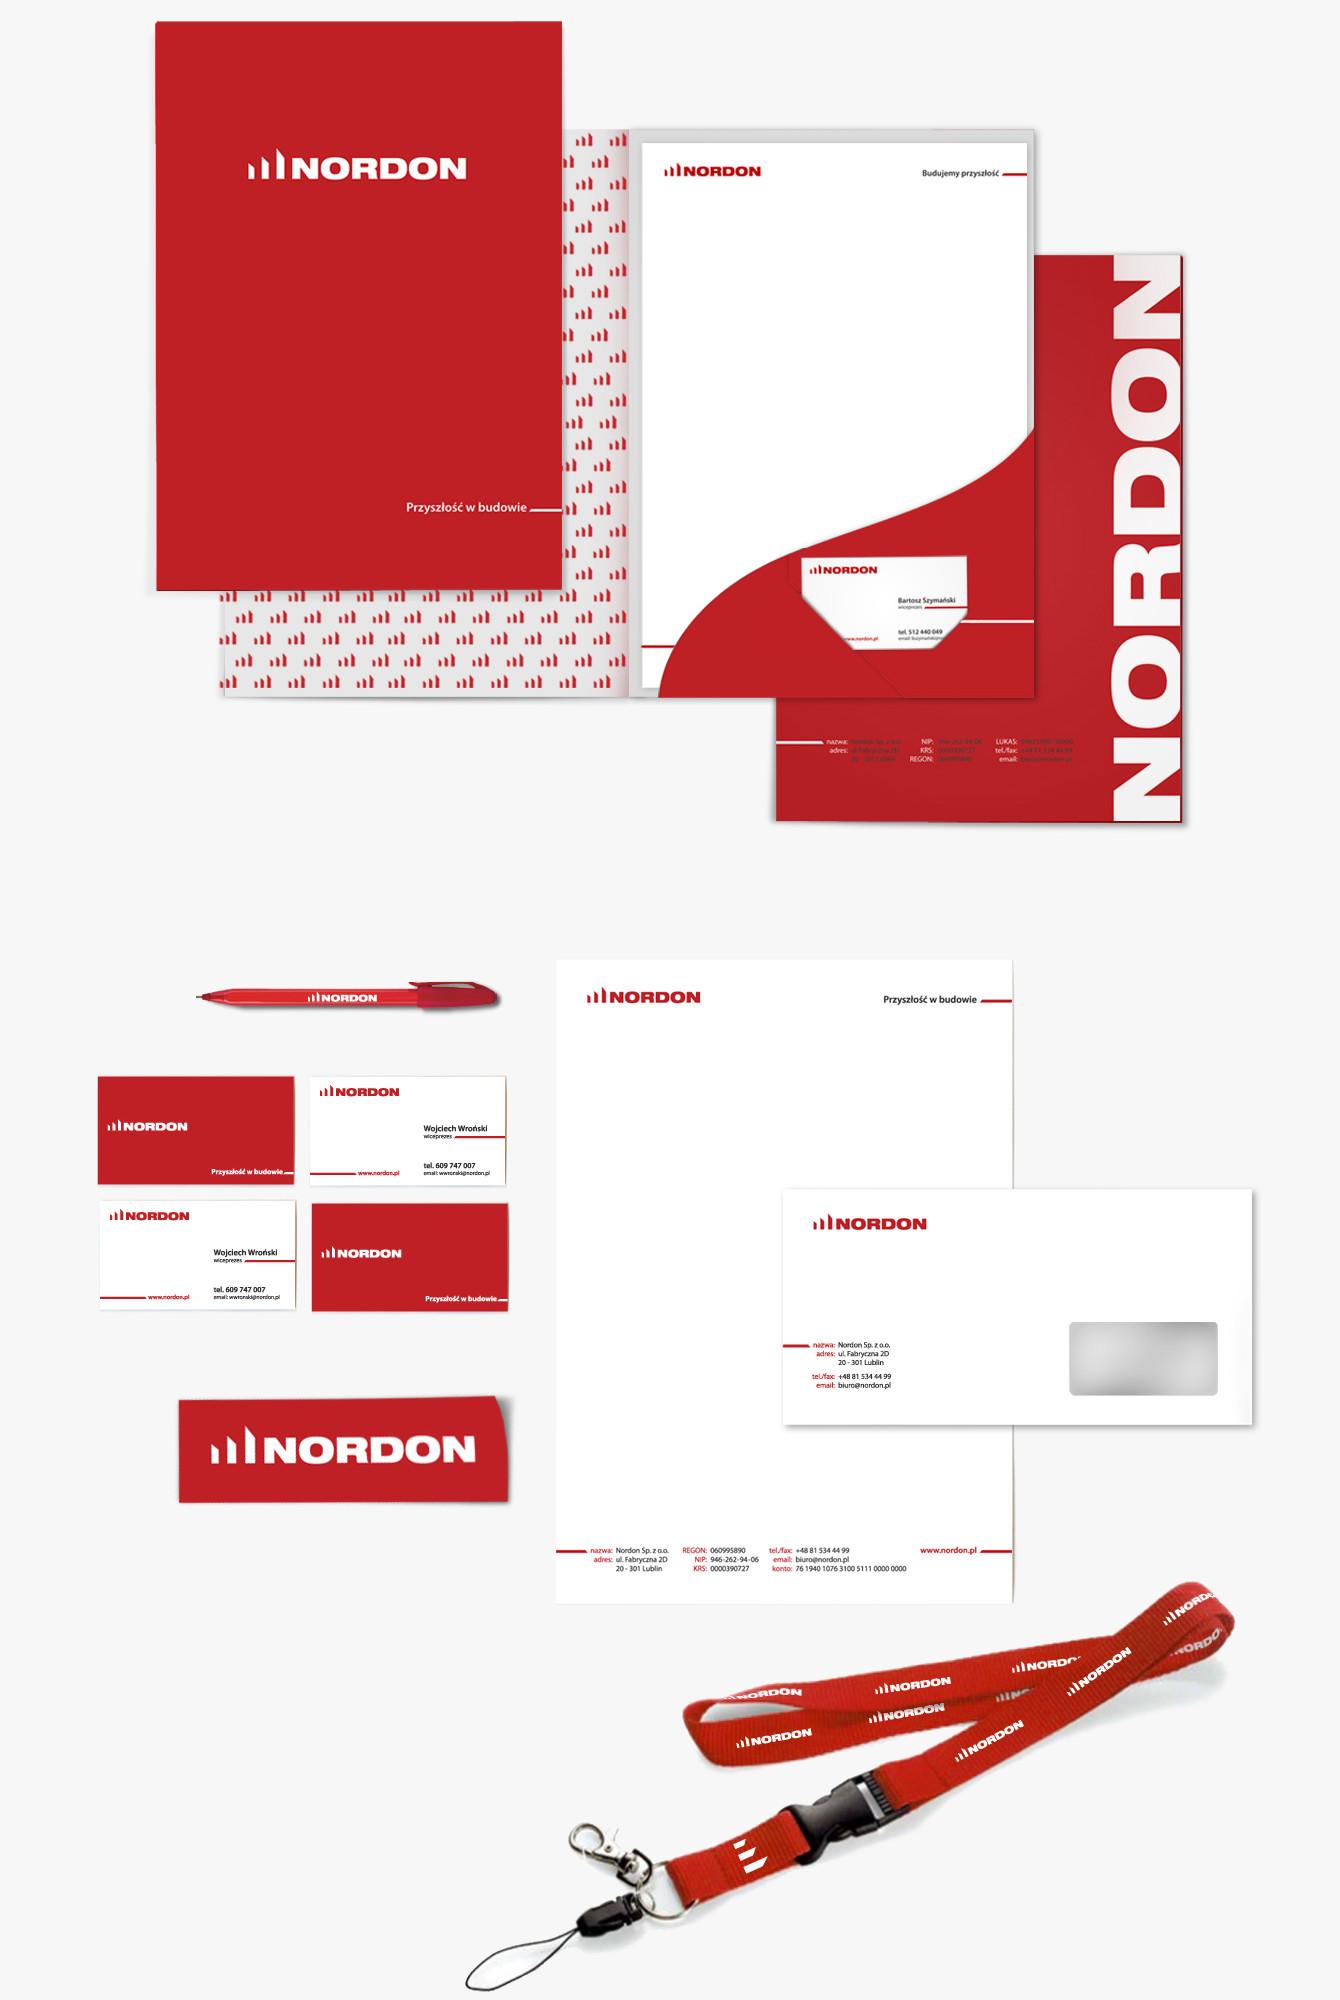 Nordon - Identyfikacja wizualna